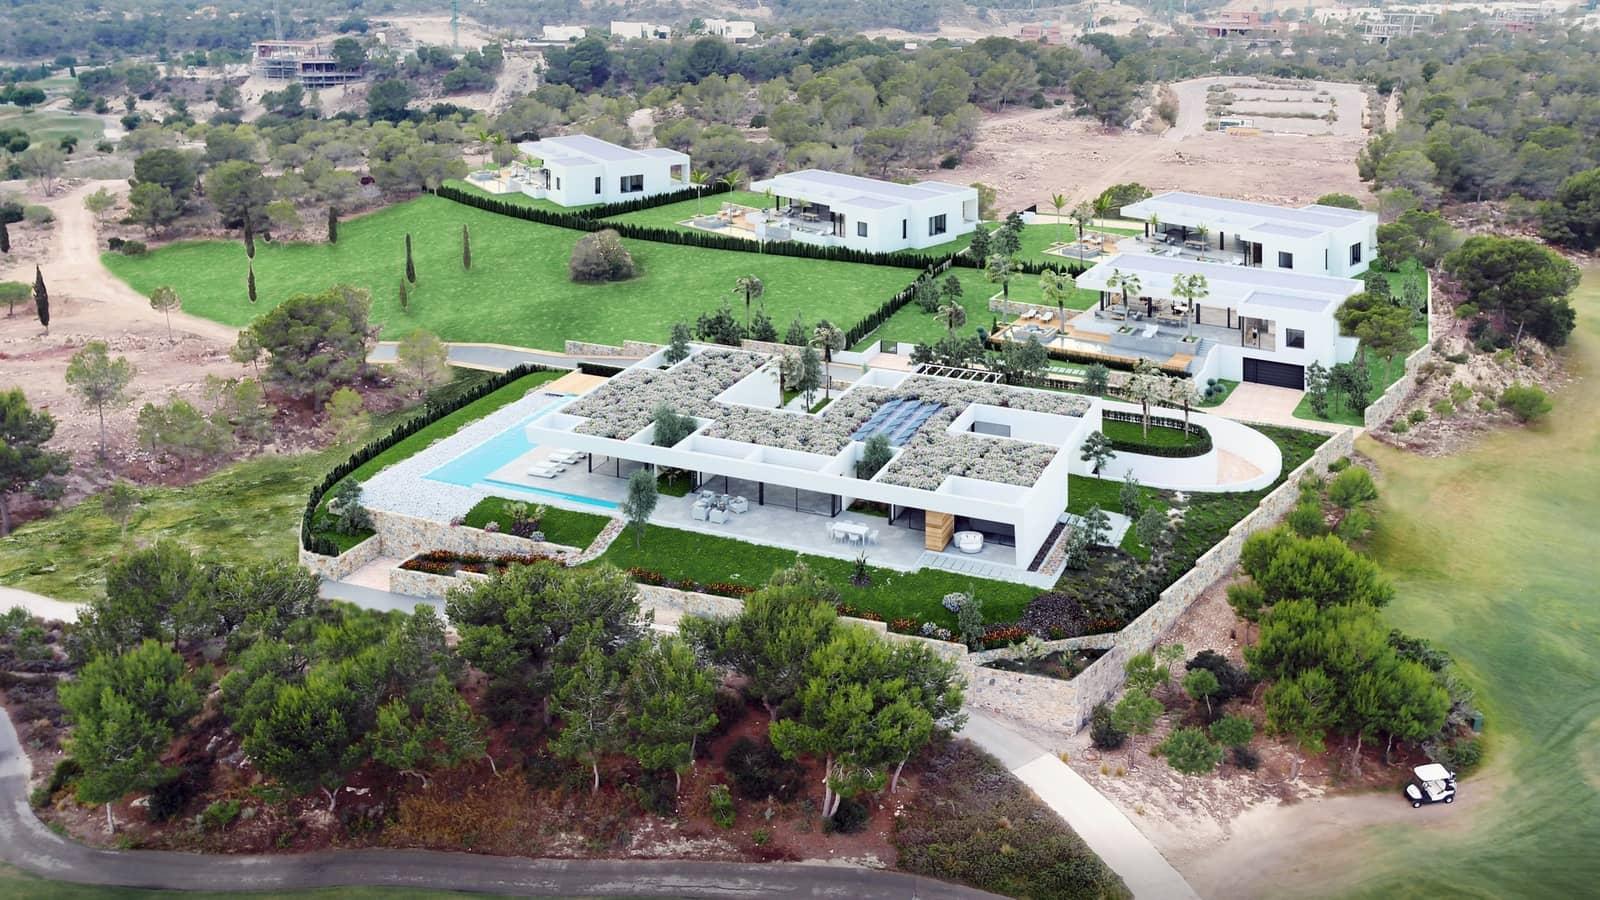 Chalet de 4 habitaciones en Las Colinas Golf en venta con piscina garaje - 3.350.000 € (Ref: 4725470)